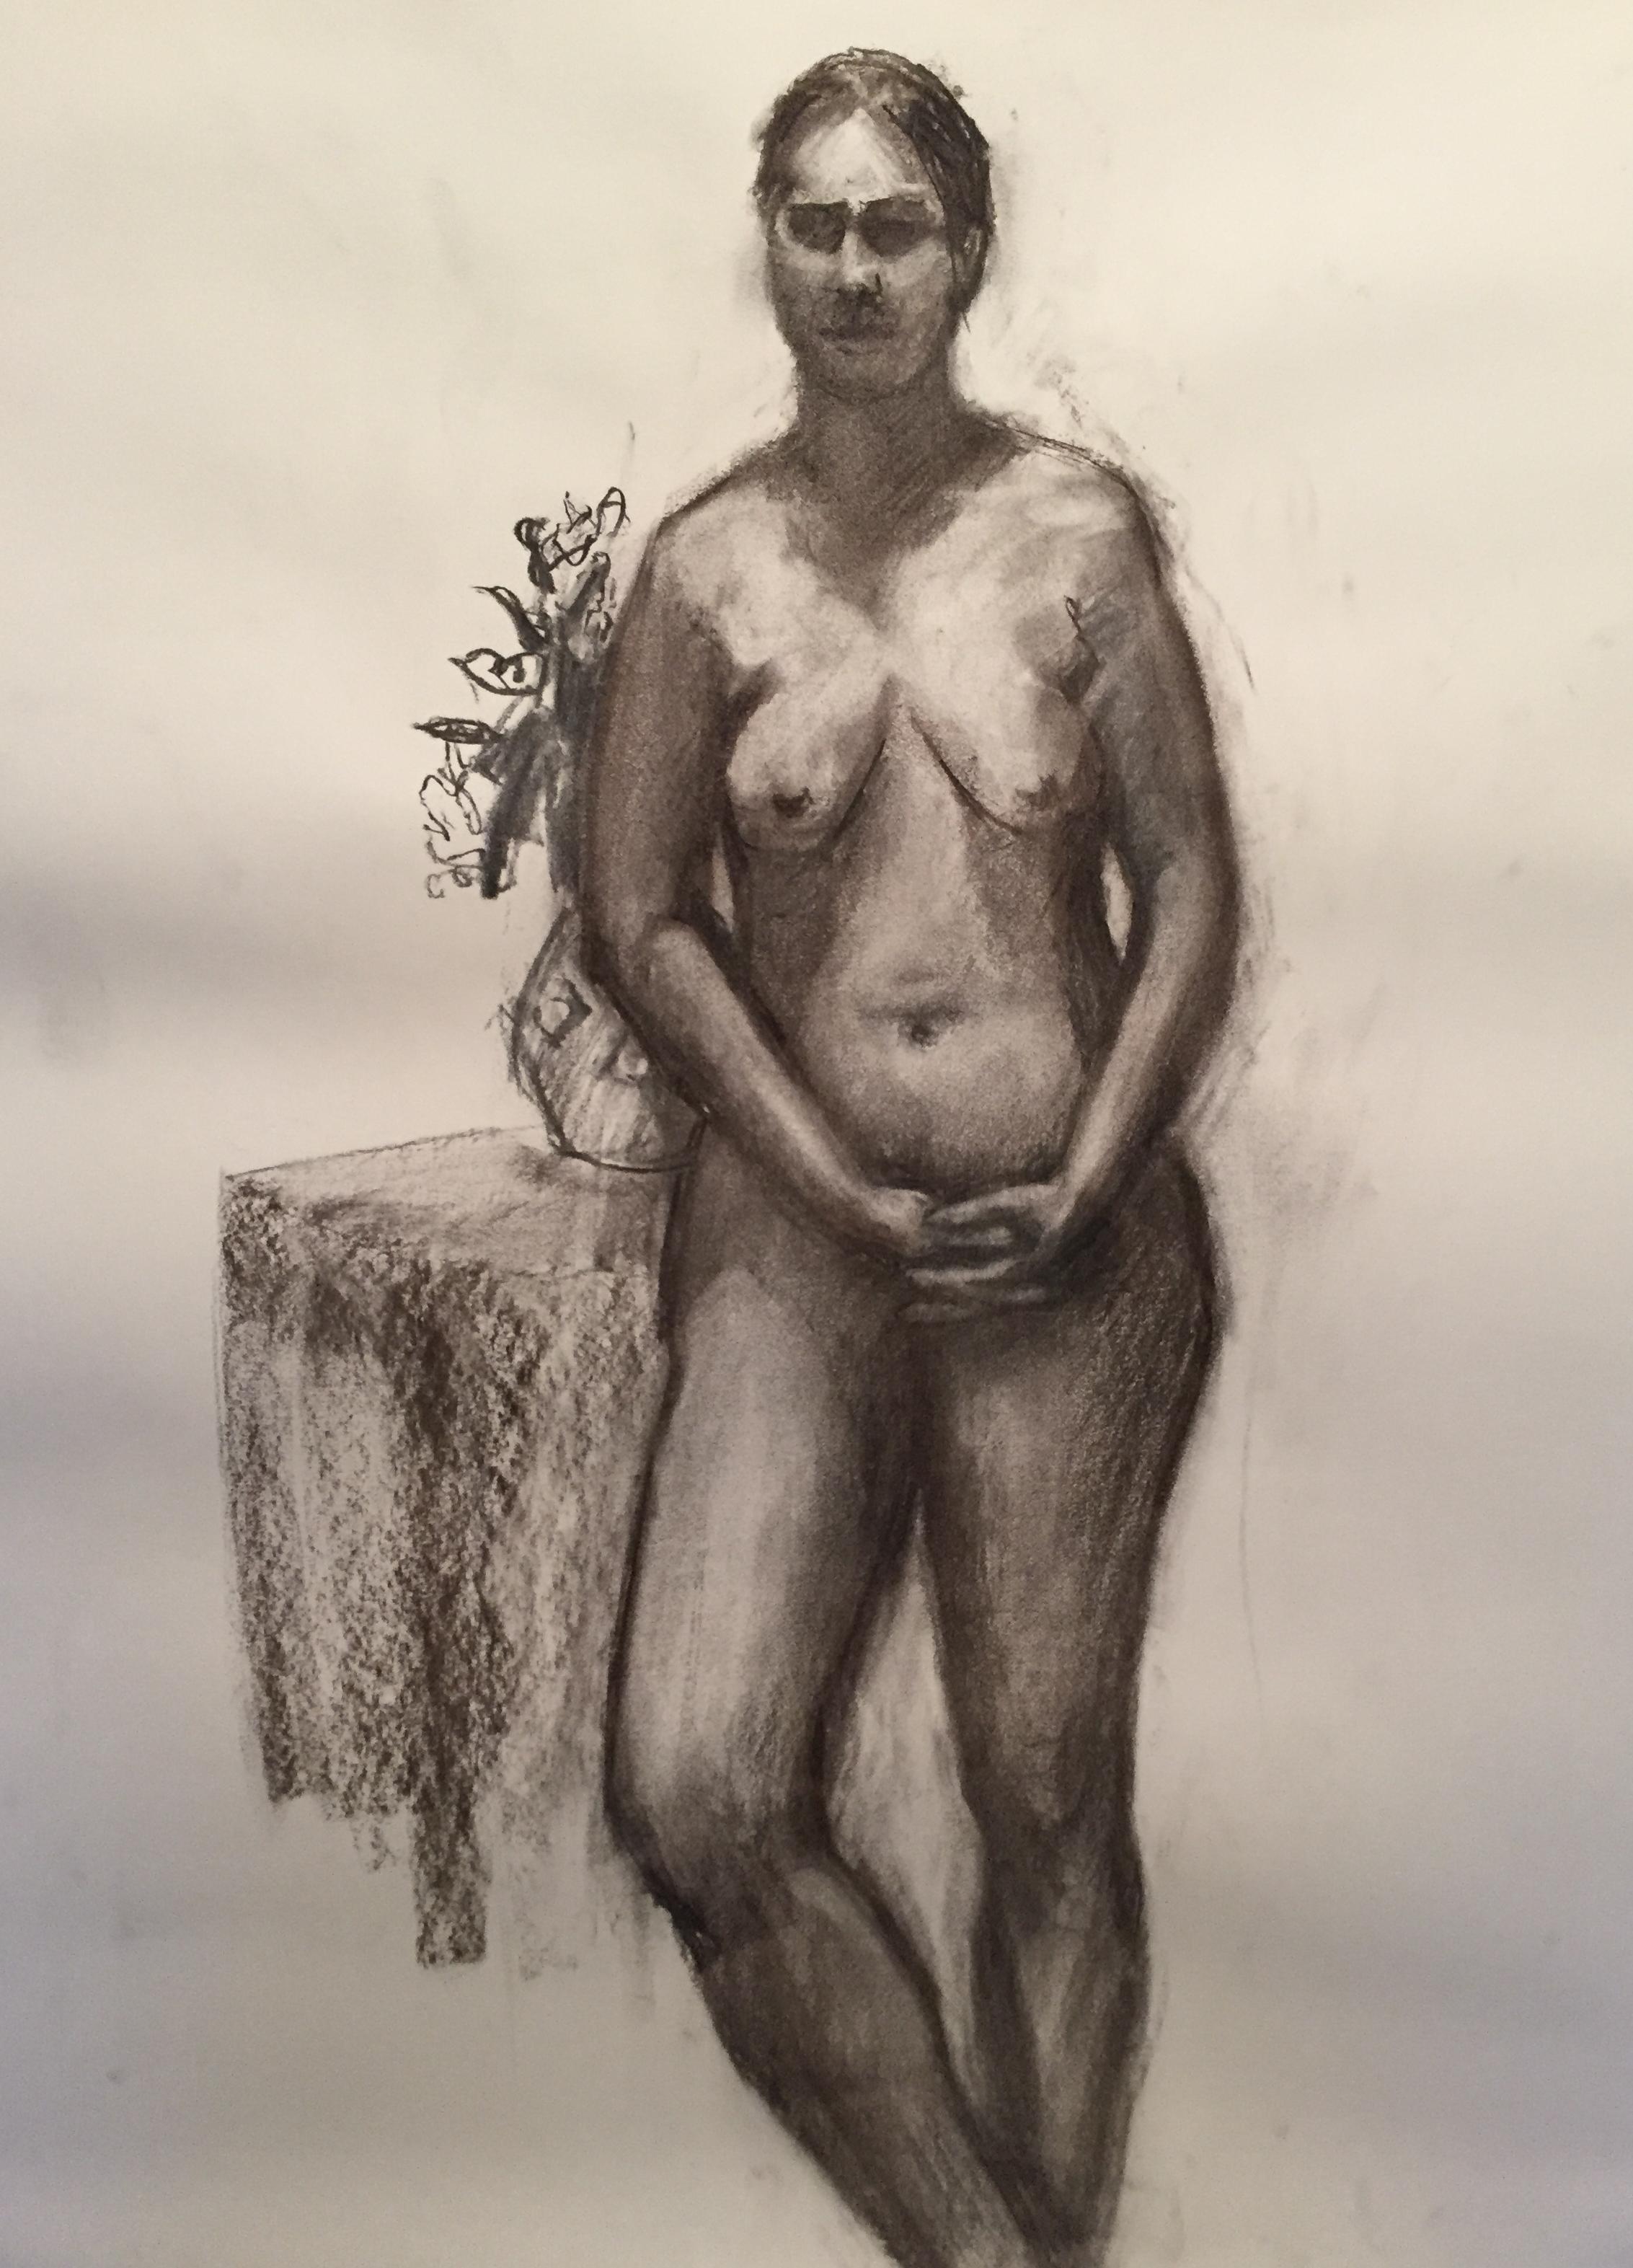 Adrienne #2